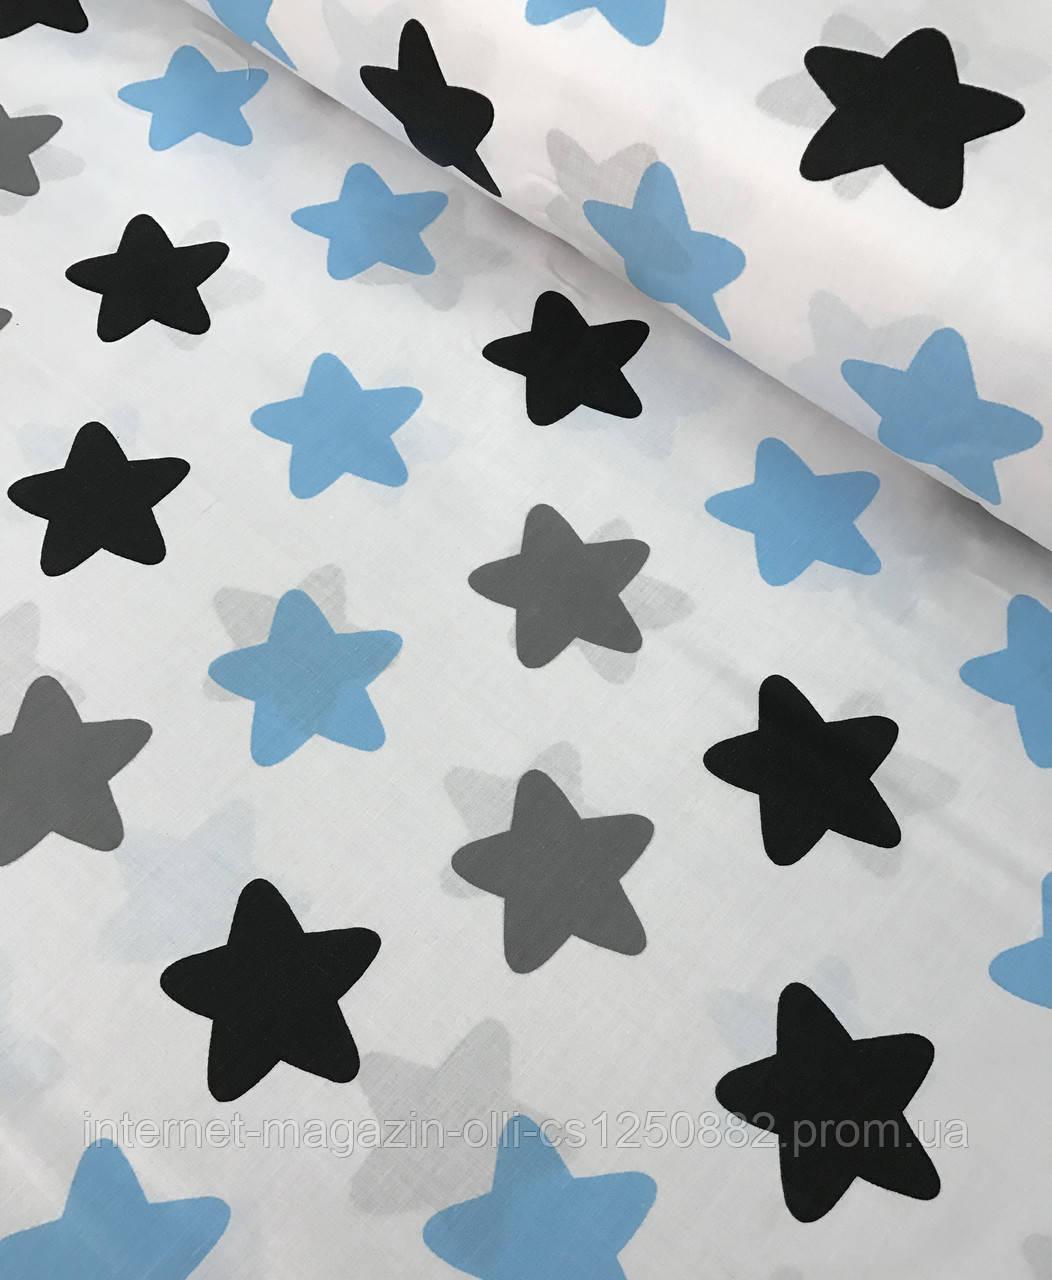 Хлопковая ткань польская звезды (пряники) серо-черно-голубые крупные